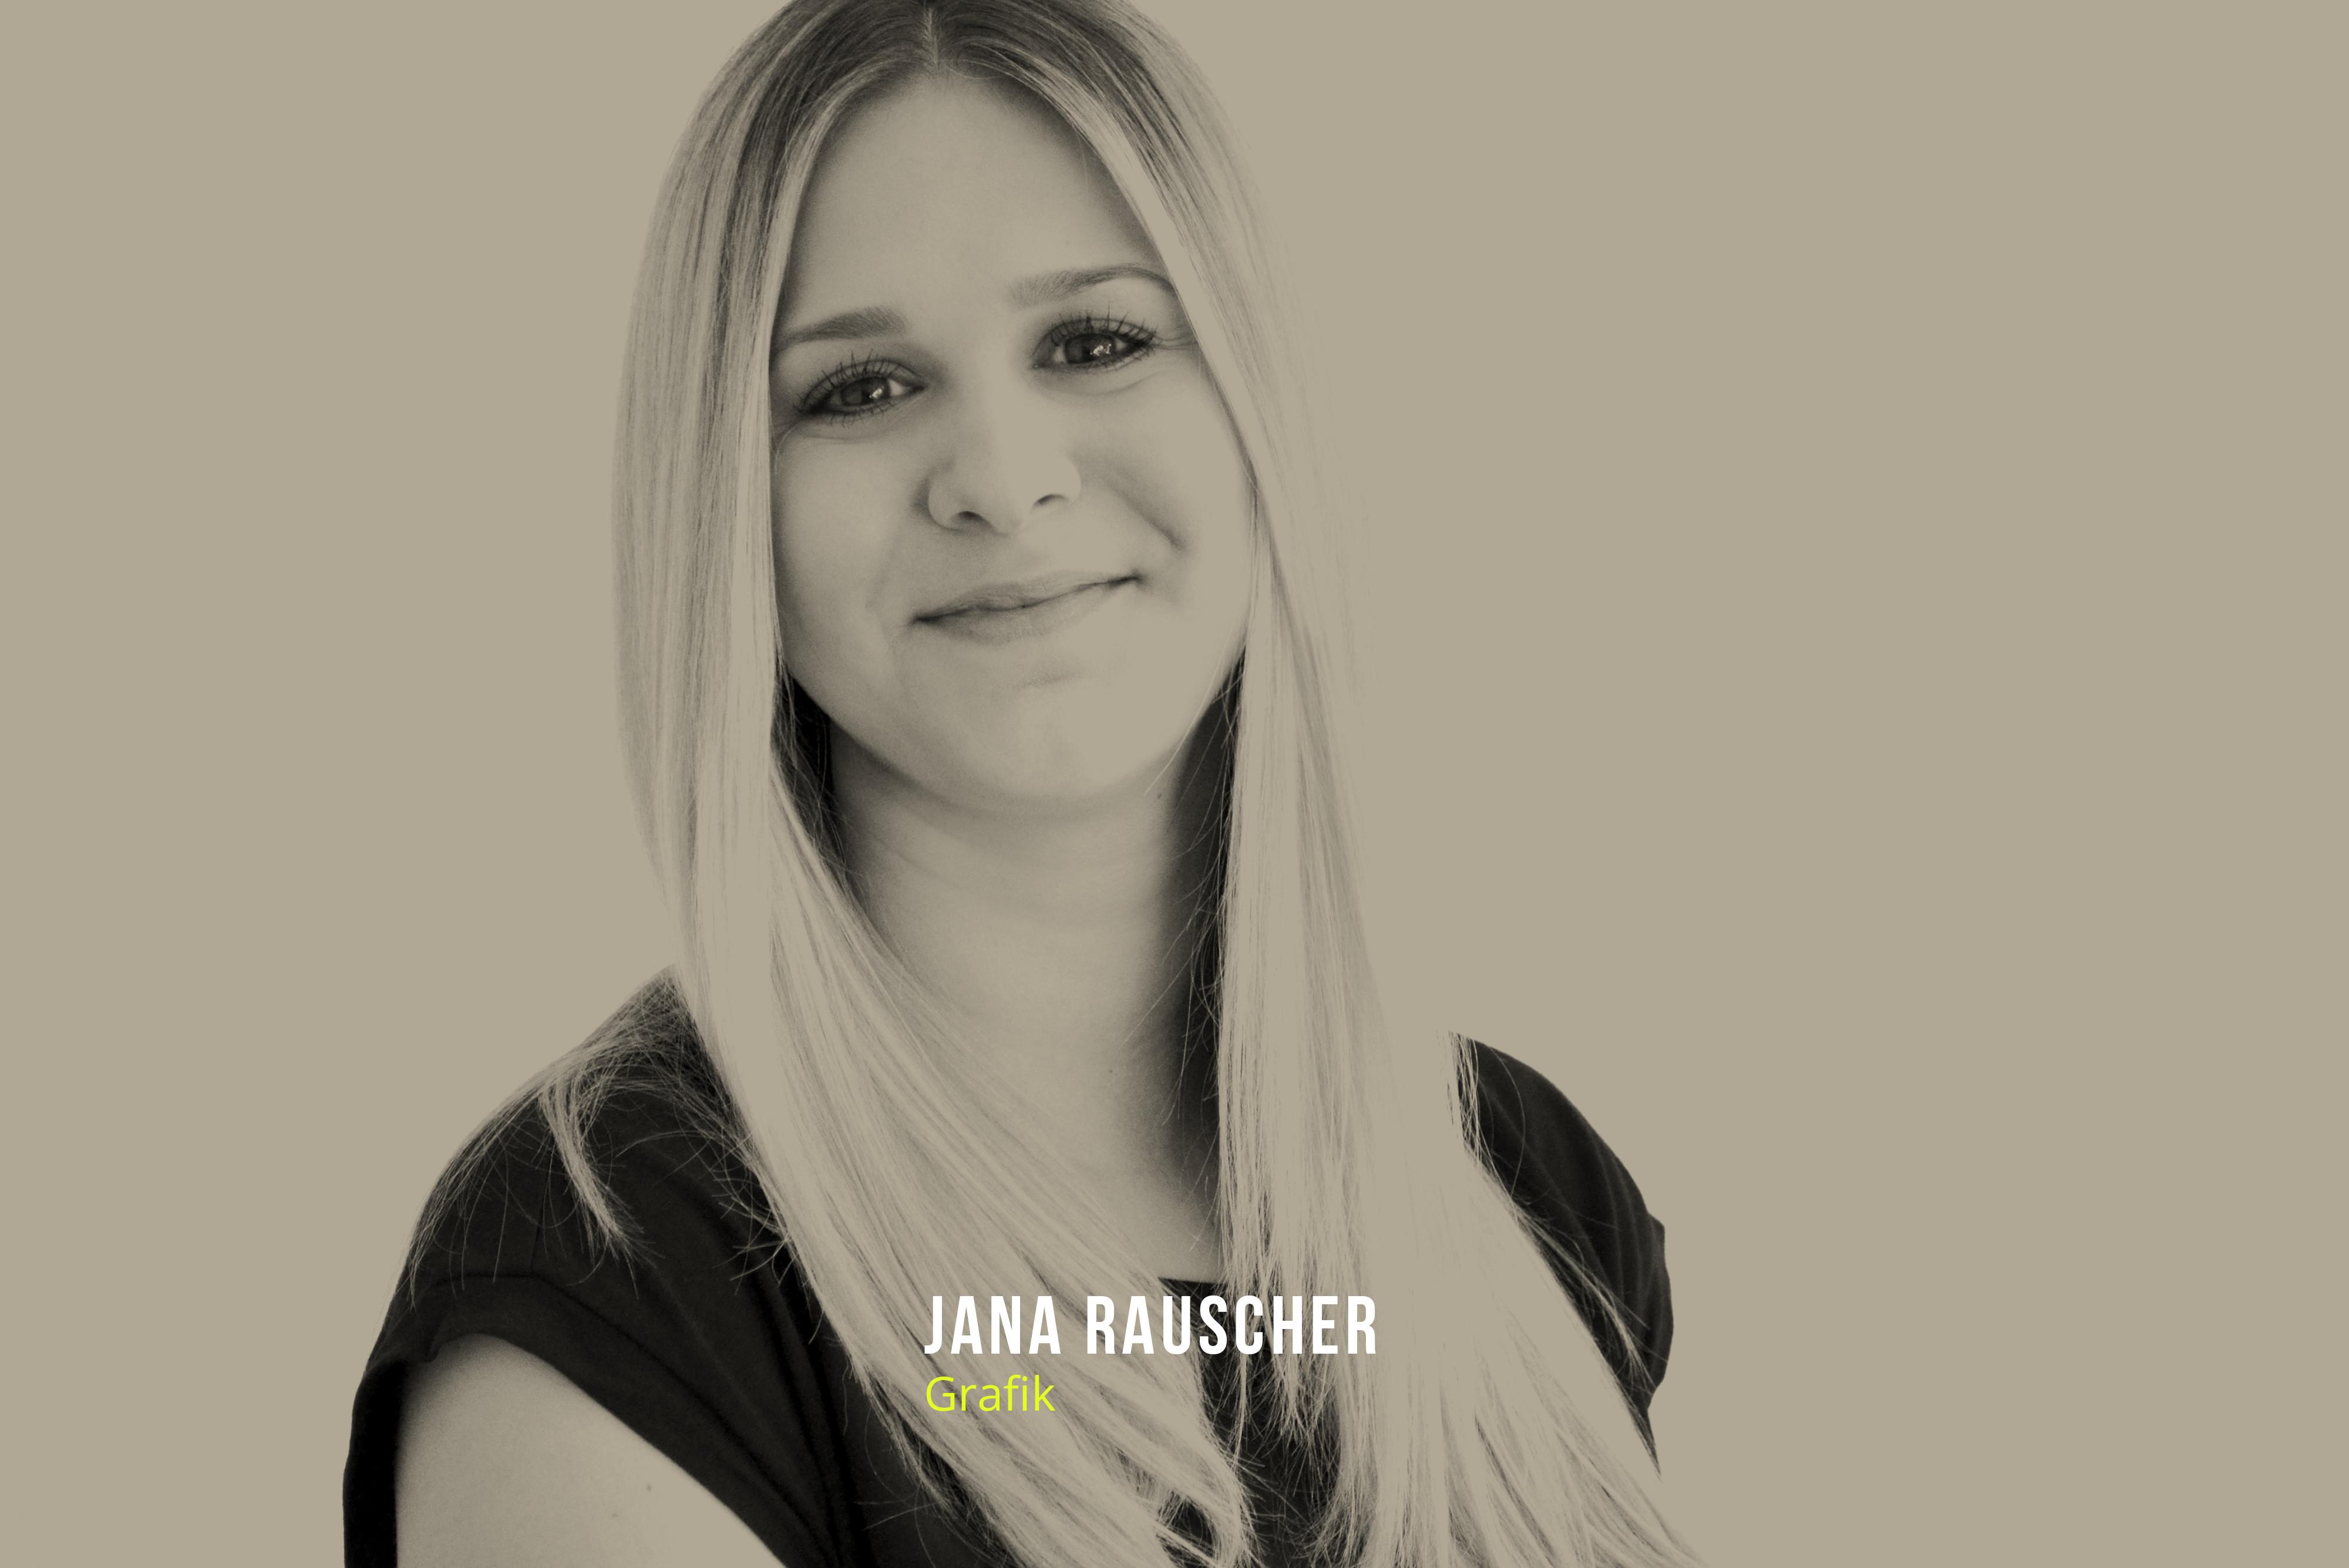 Jana Rauscher Grafik